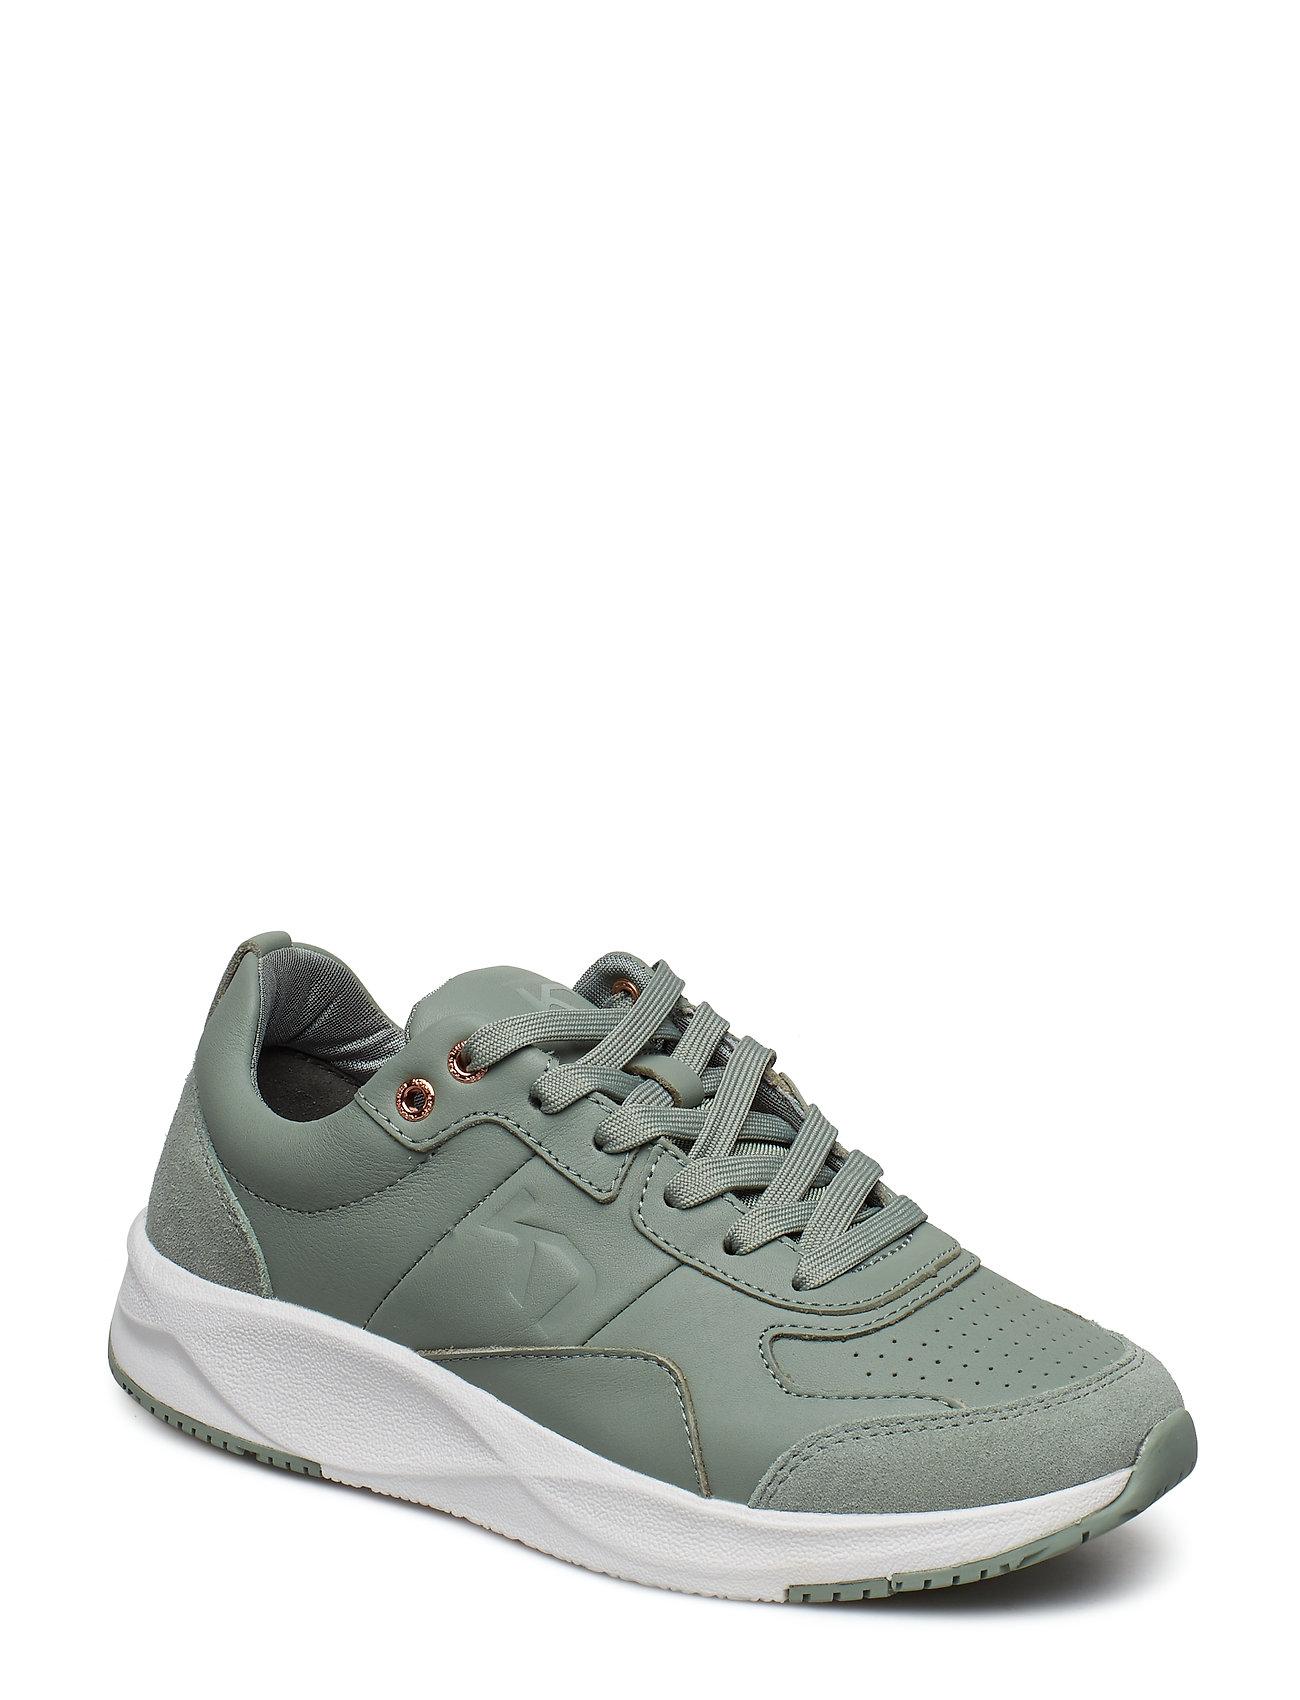 Trinn Low top Sneakers Hvid KARI TRAA